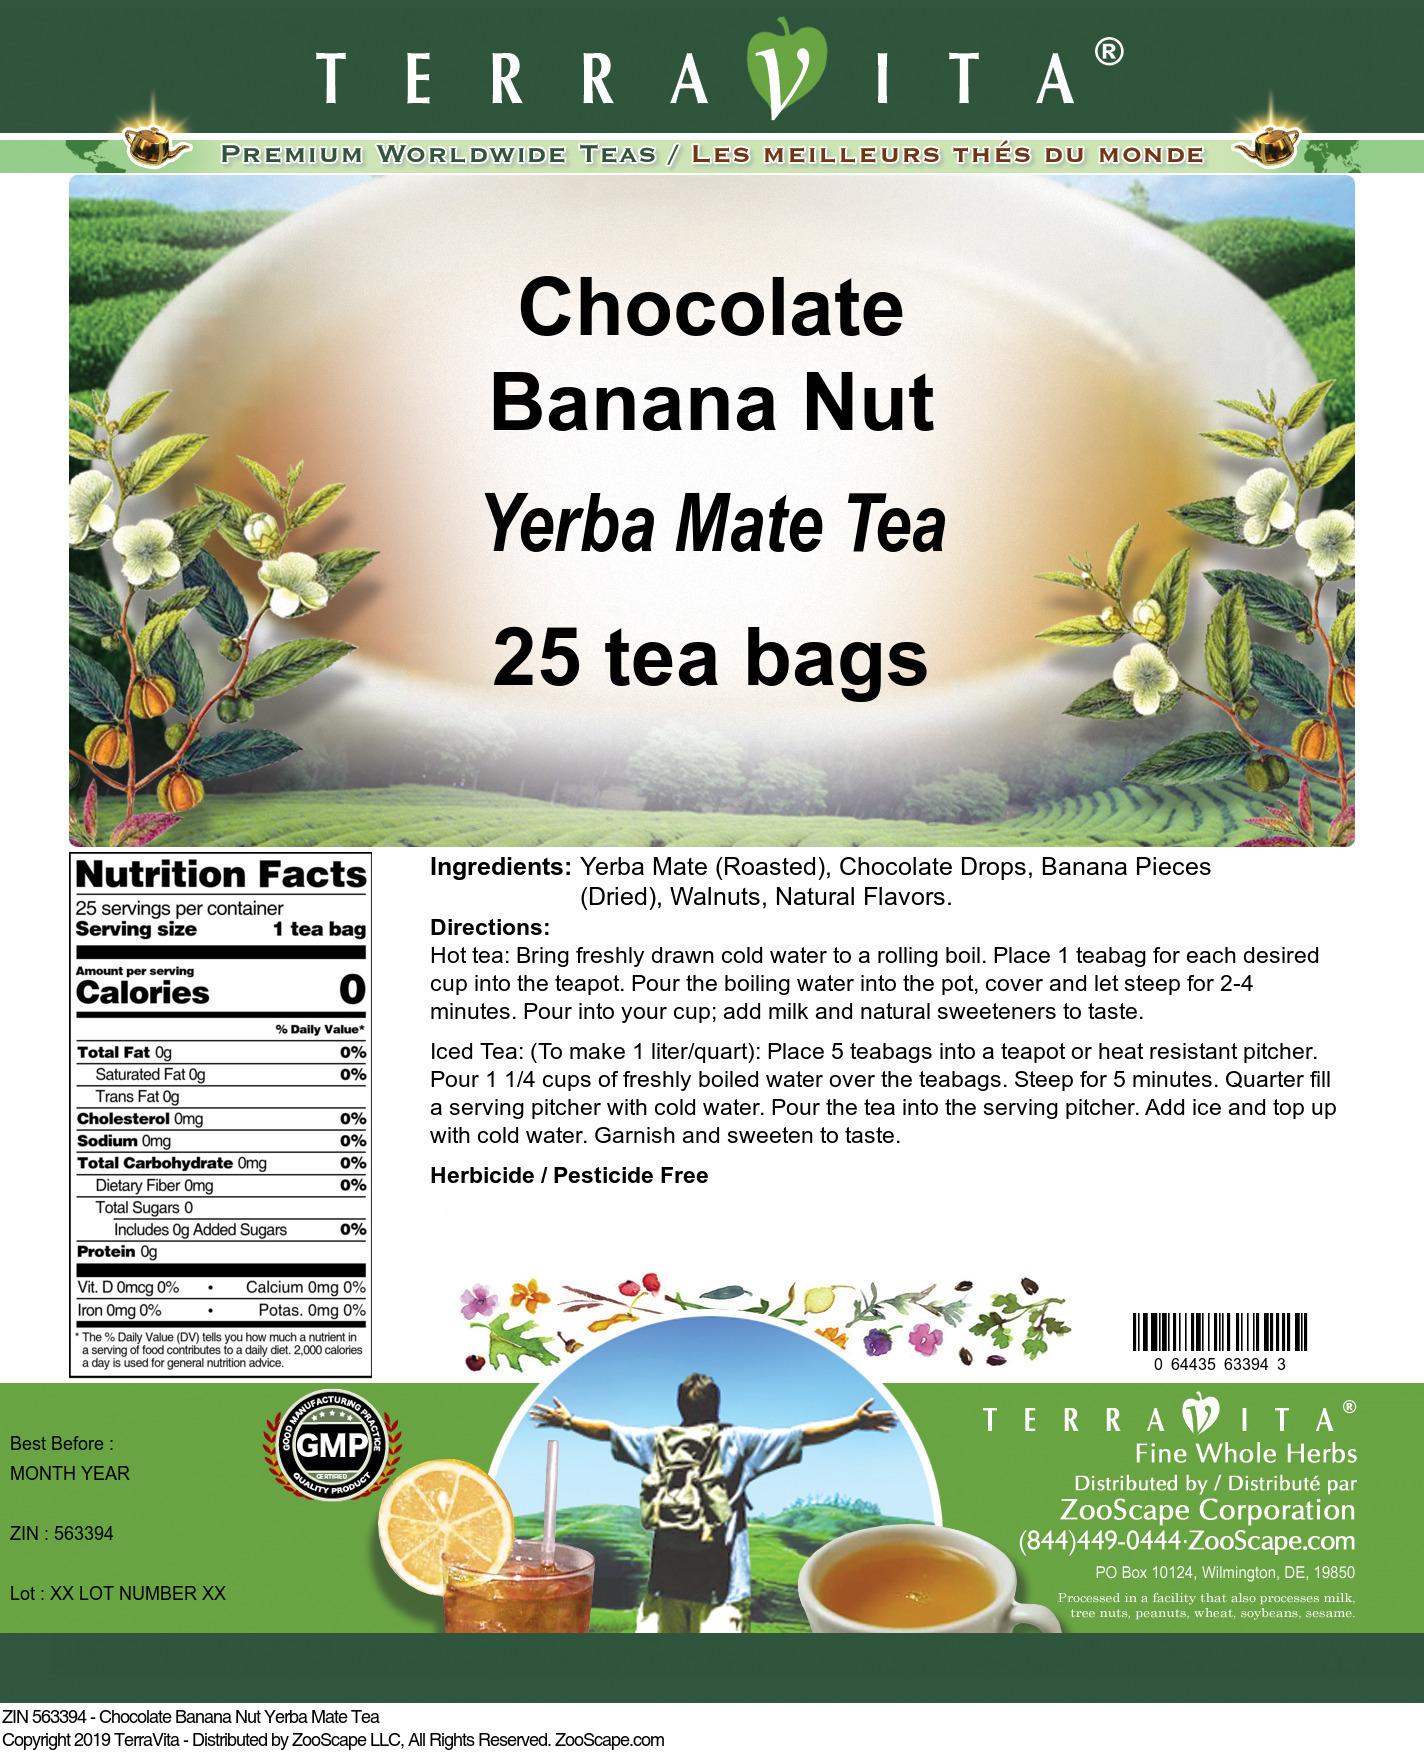 Chocolate Banana Nut Yerba Mate